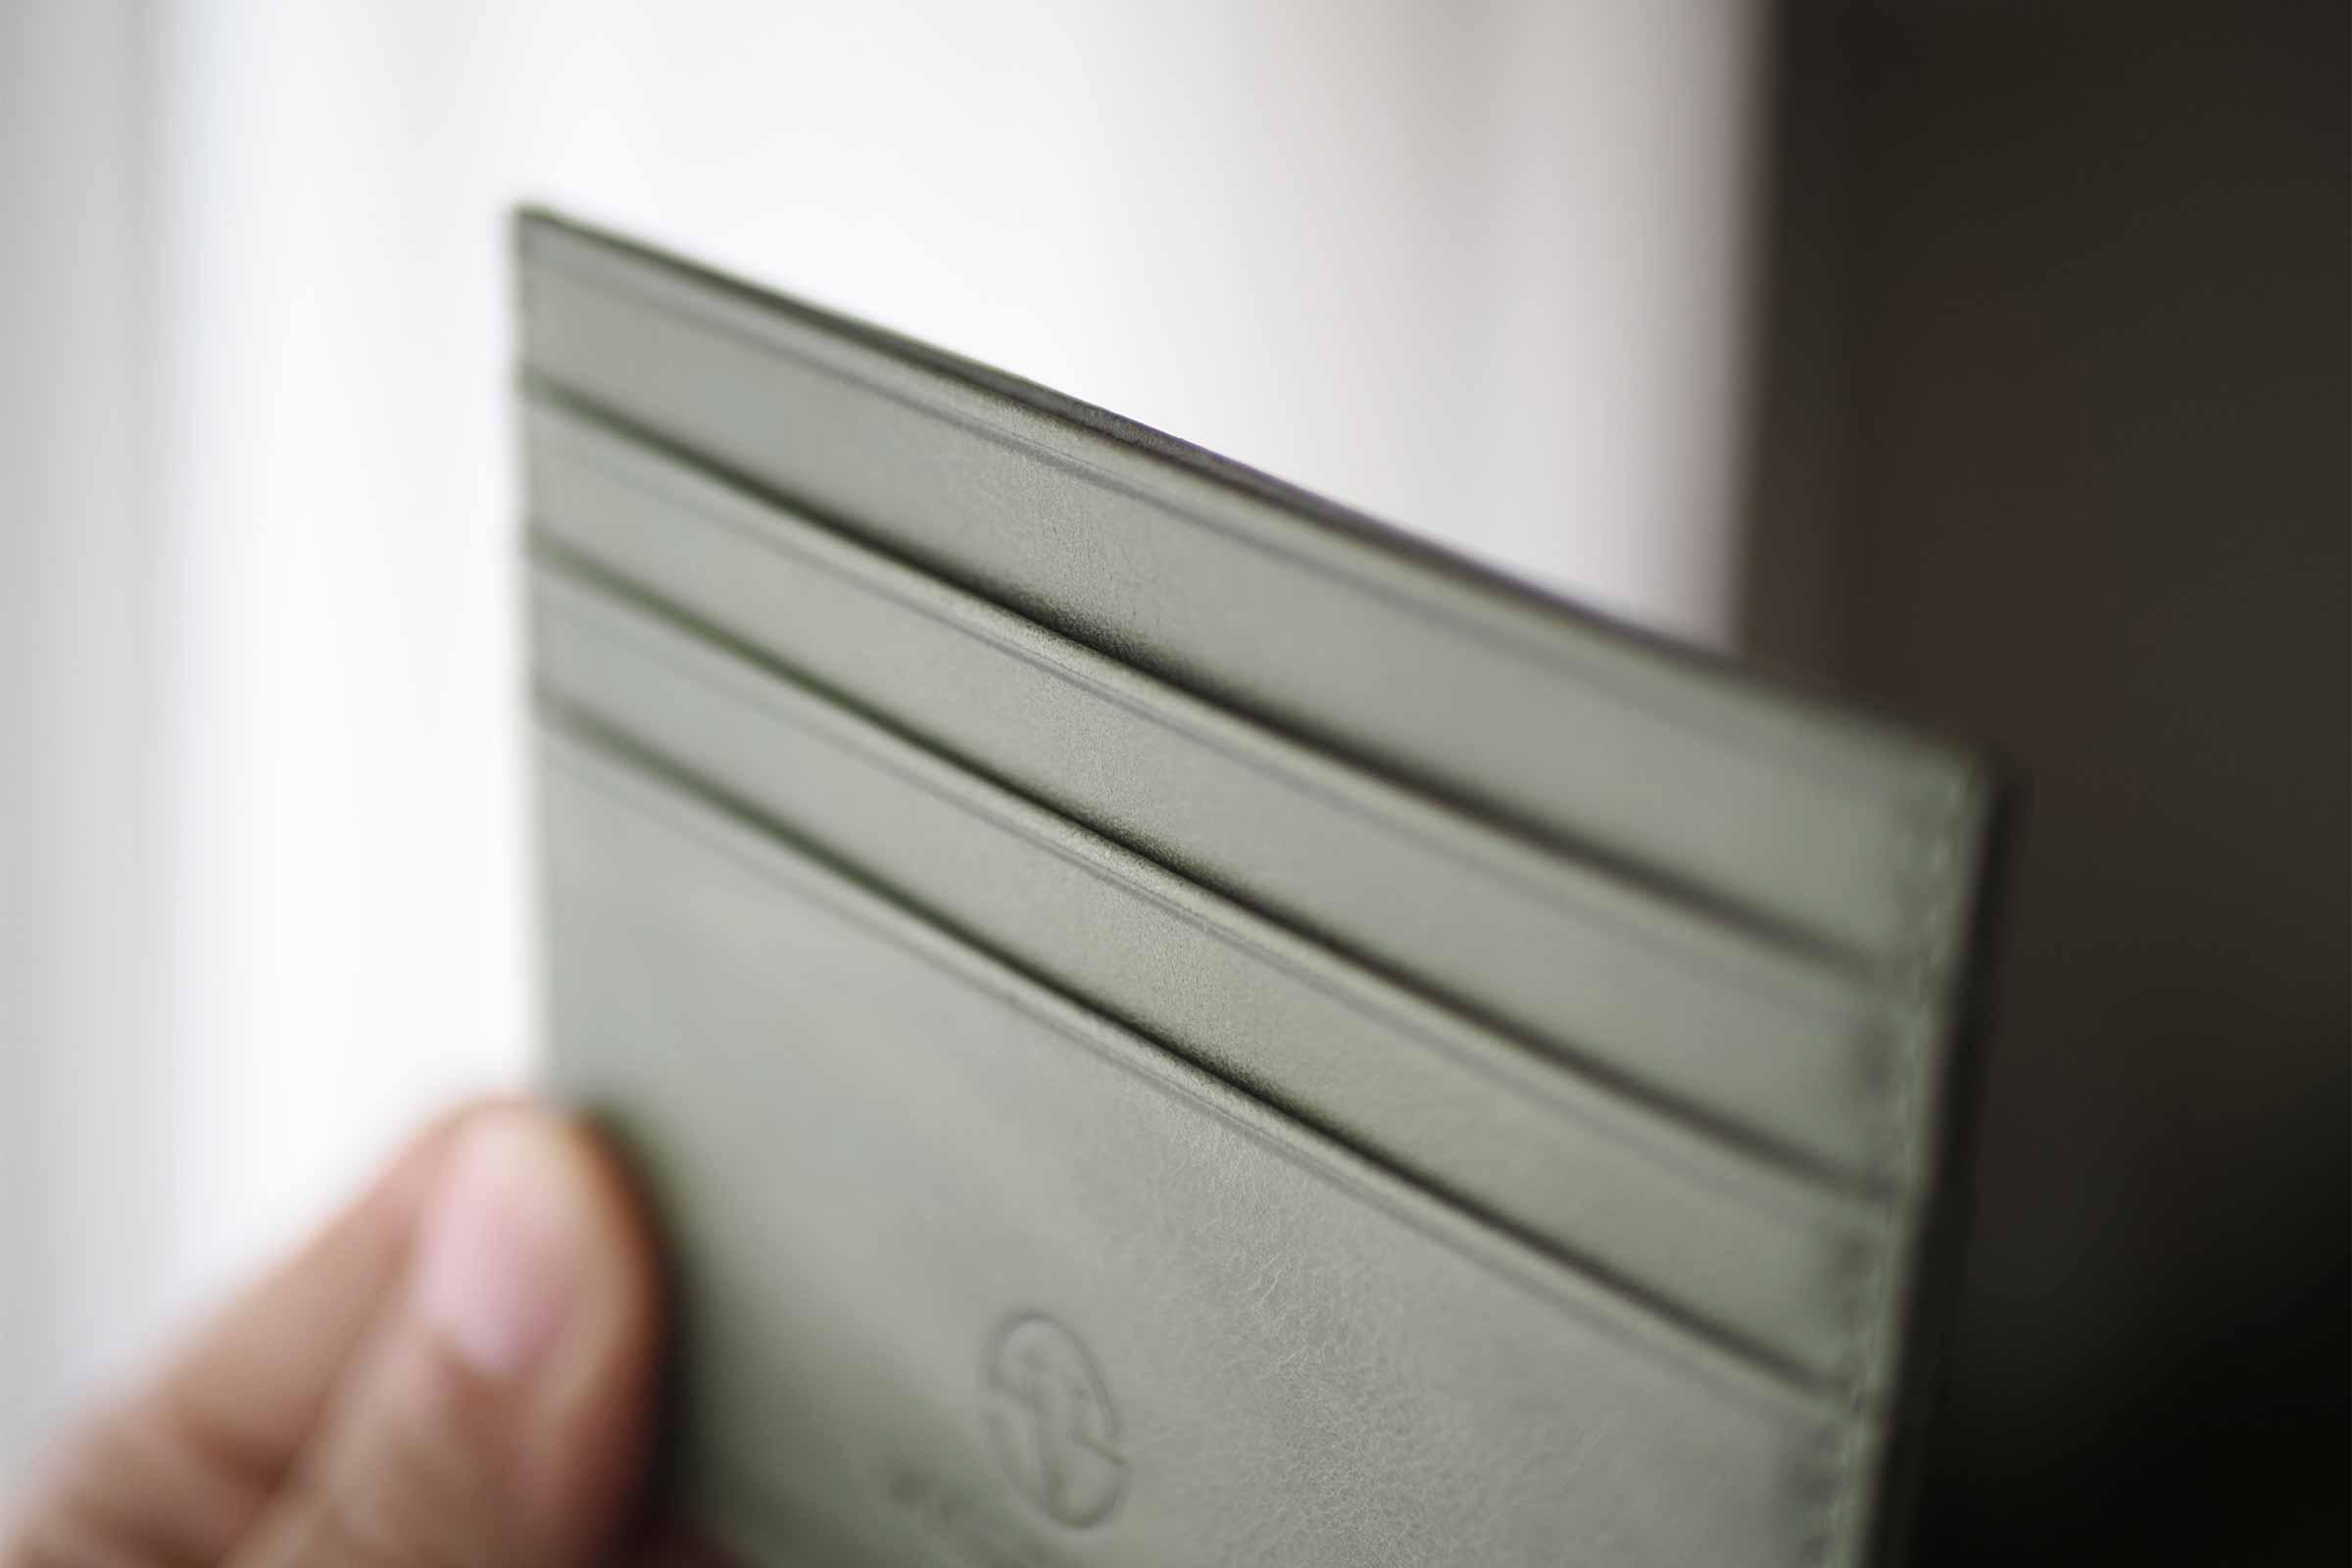 カードケース,VISOUL,小さい,薄い,安い,コンパクト,本革,牛皮,大人,シンプル,ポケット